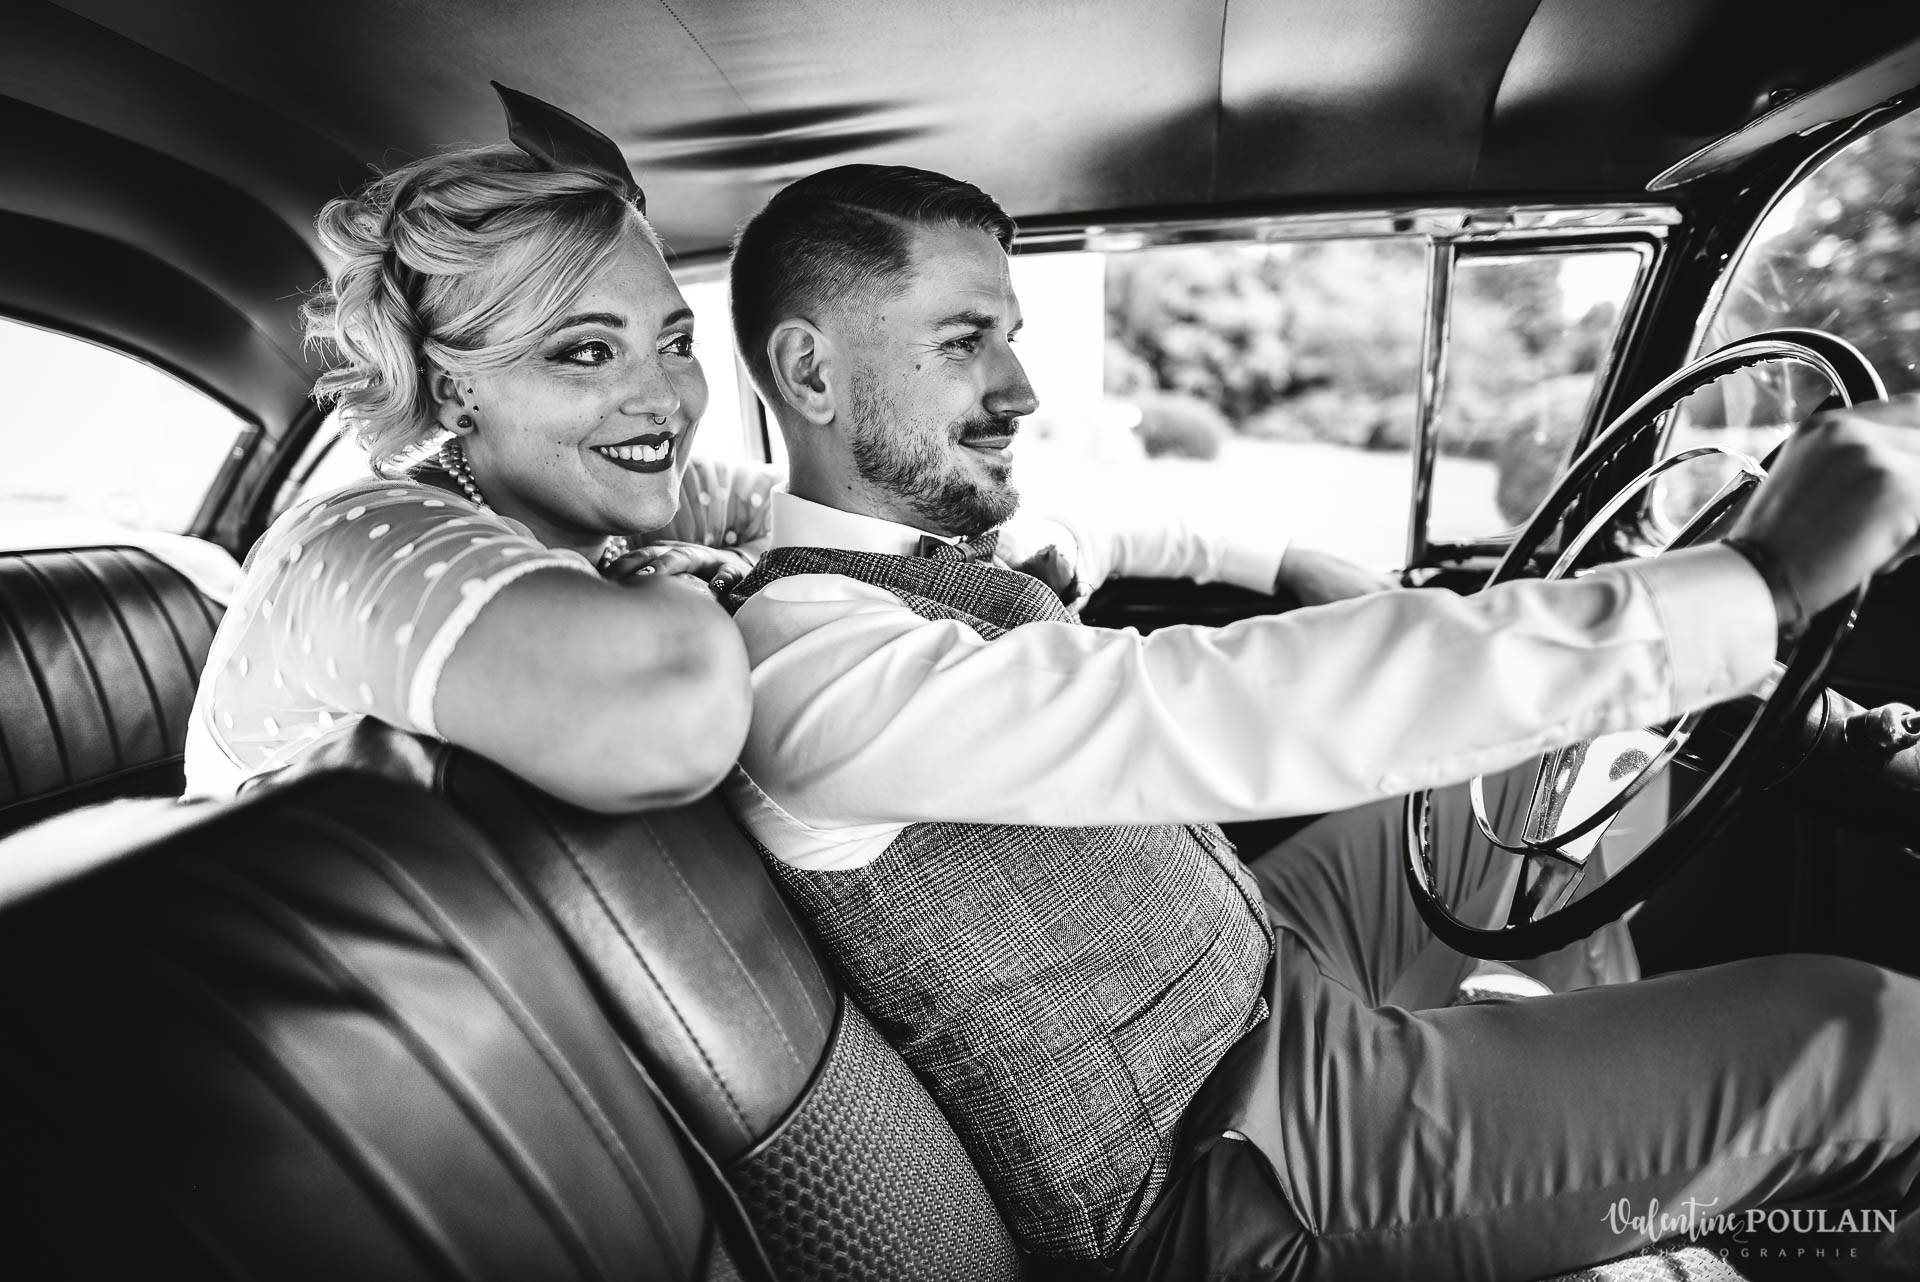 Mariage vintage rockabilly - Valentine Poulain couple volant